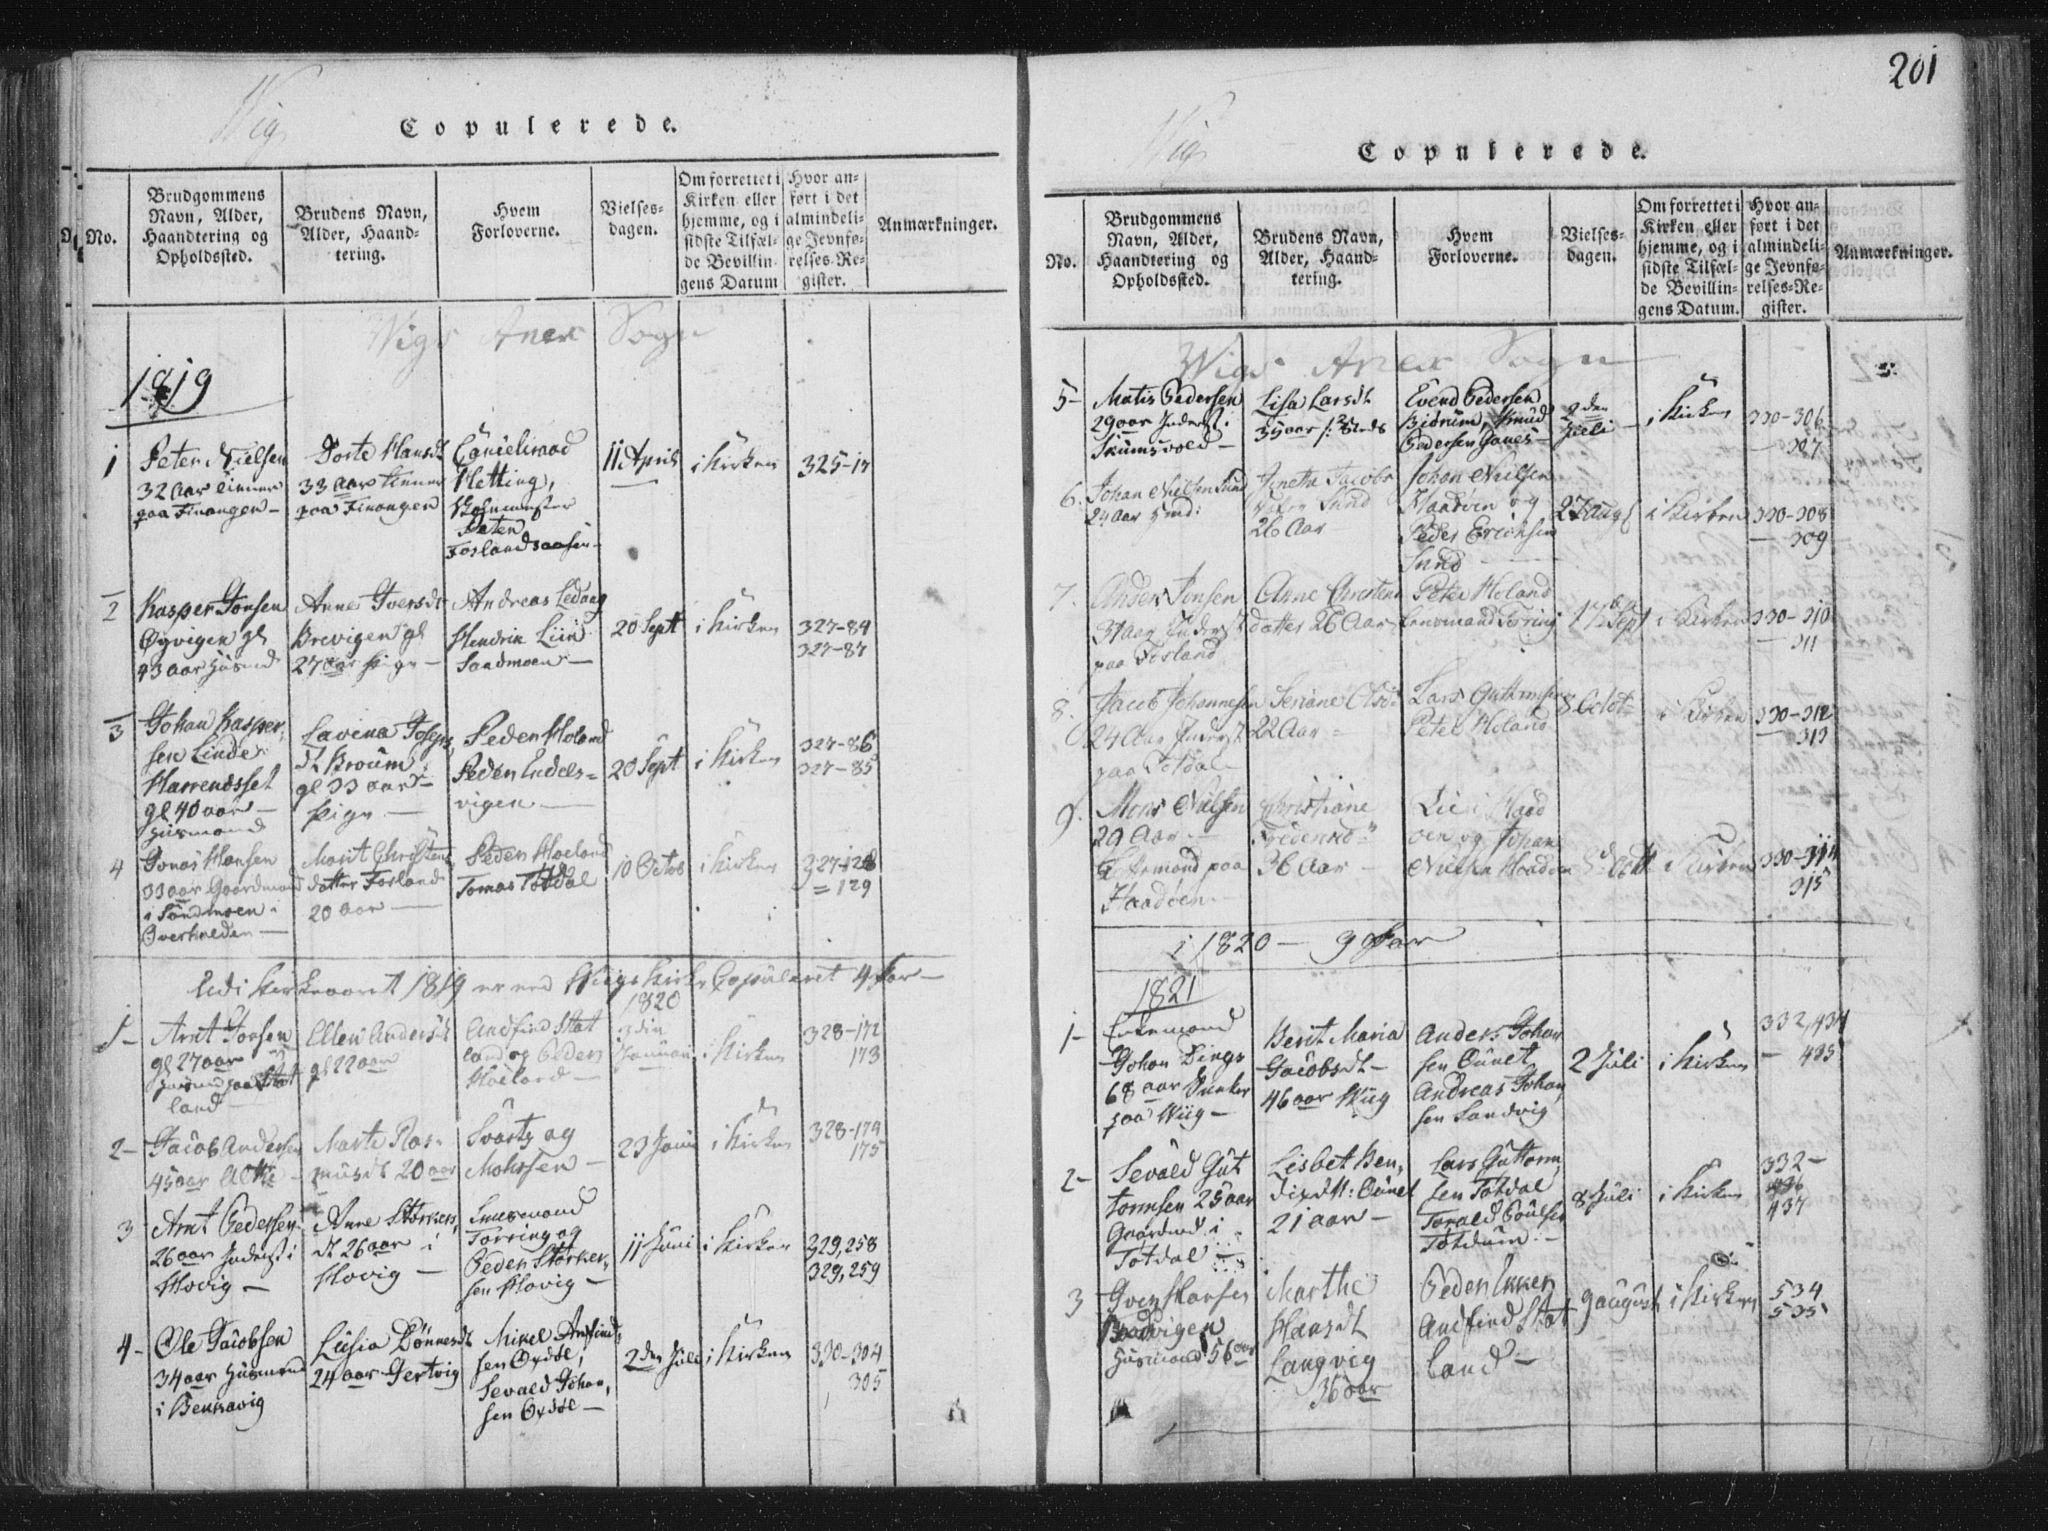 SAT, Ministerialprotokoller, klokkerbøker og fødselsregistre - Nord-Trøndelag, 773/L0609: Ministerialbok nr. 773A03 /2, 1815-1830, s. 201